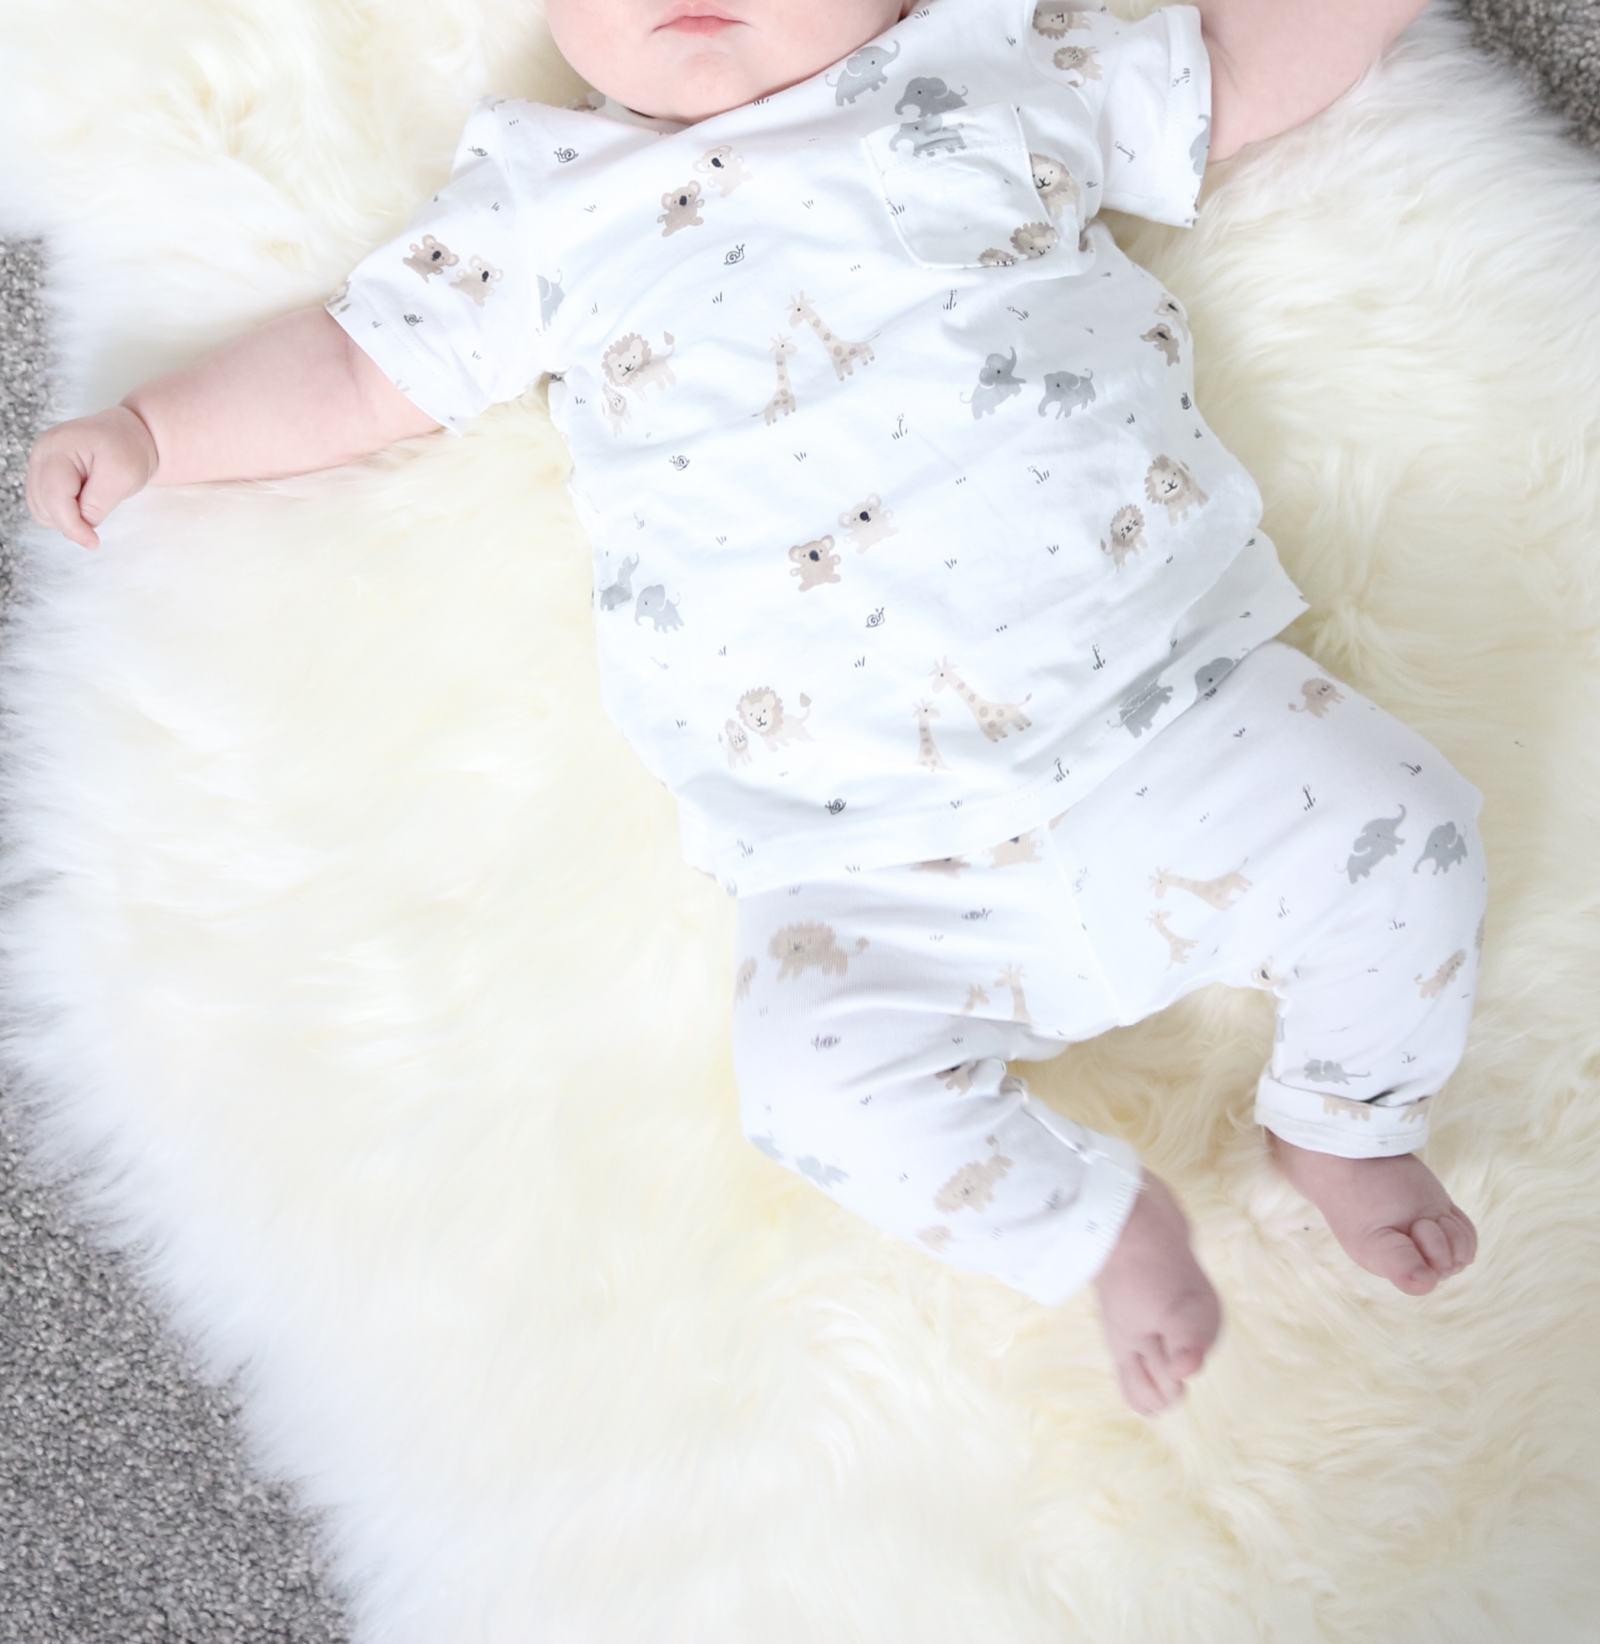 Jodetopia 3 month baby milestones